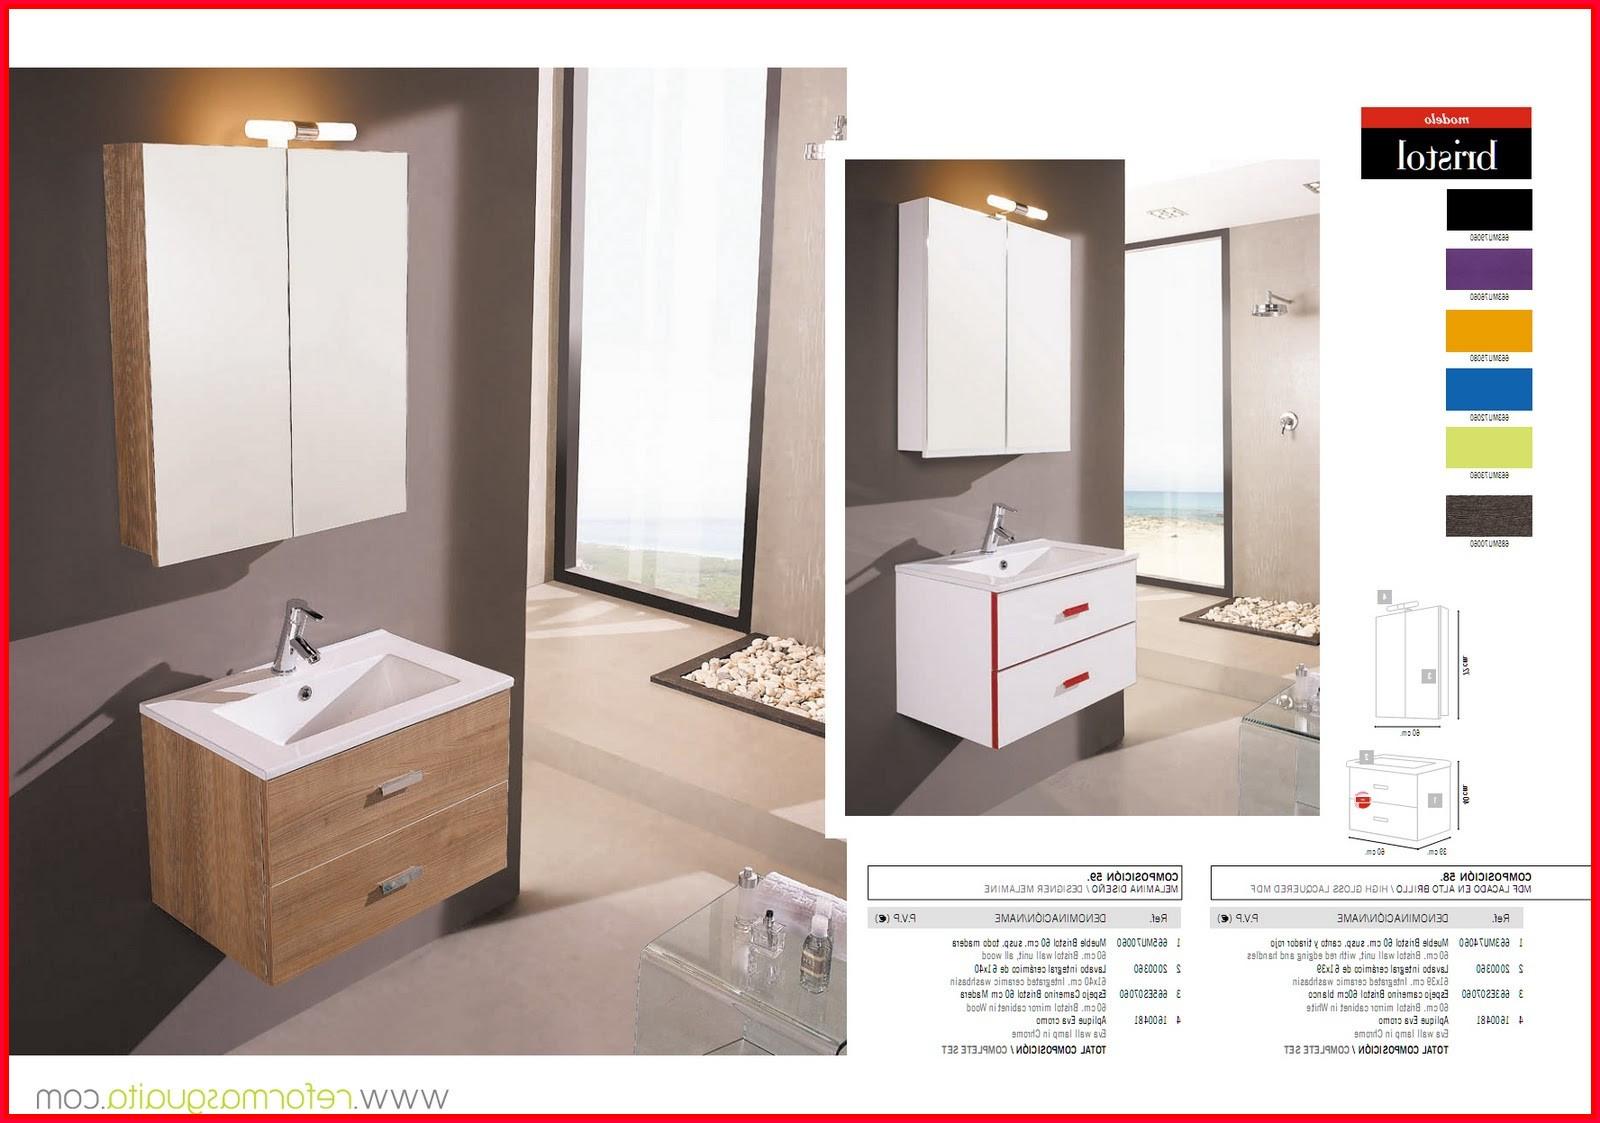 Muebles De Baño Amazon S1du Armarios Con Espejo Para Baà O Mueble BaO Line Muebles De